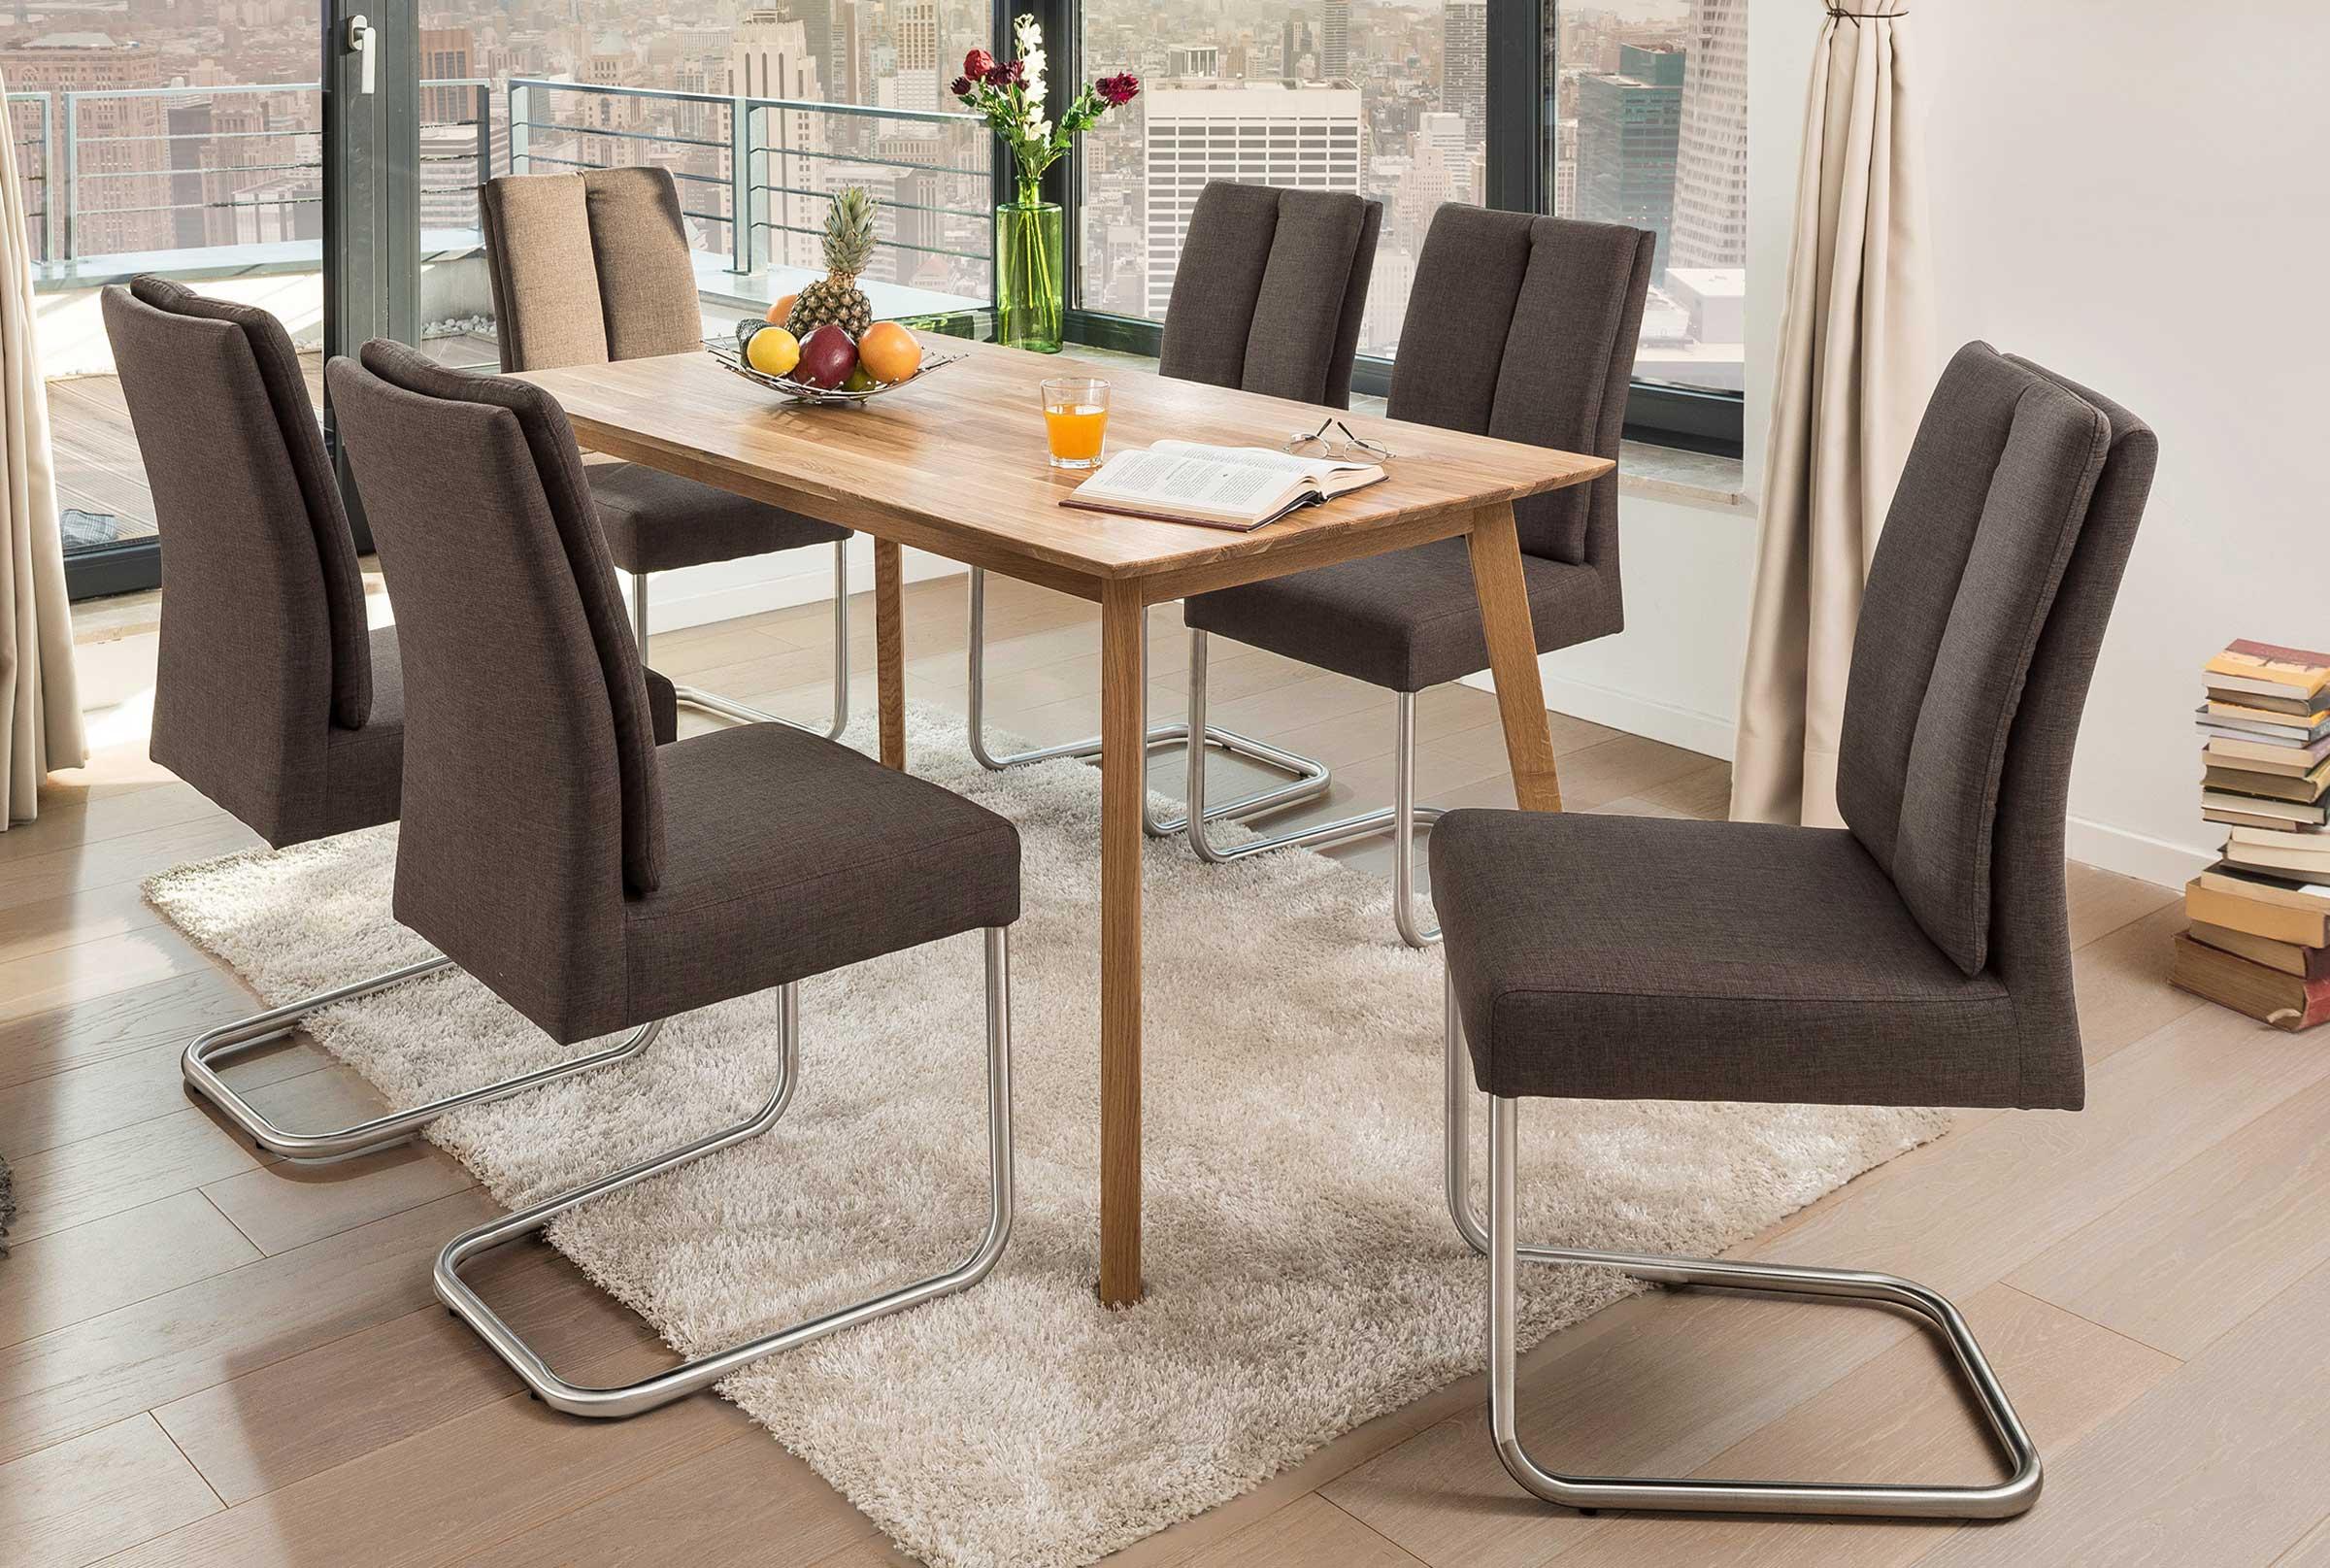 Standard Furniture Vinko Holztisch massiv eiche natur